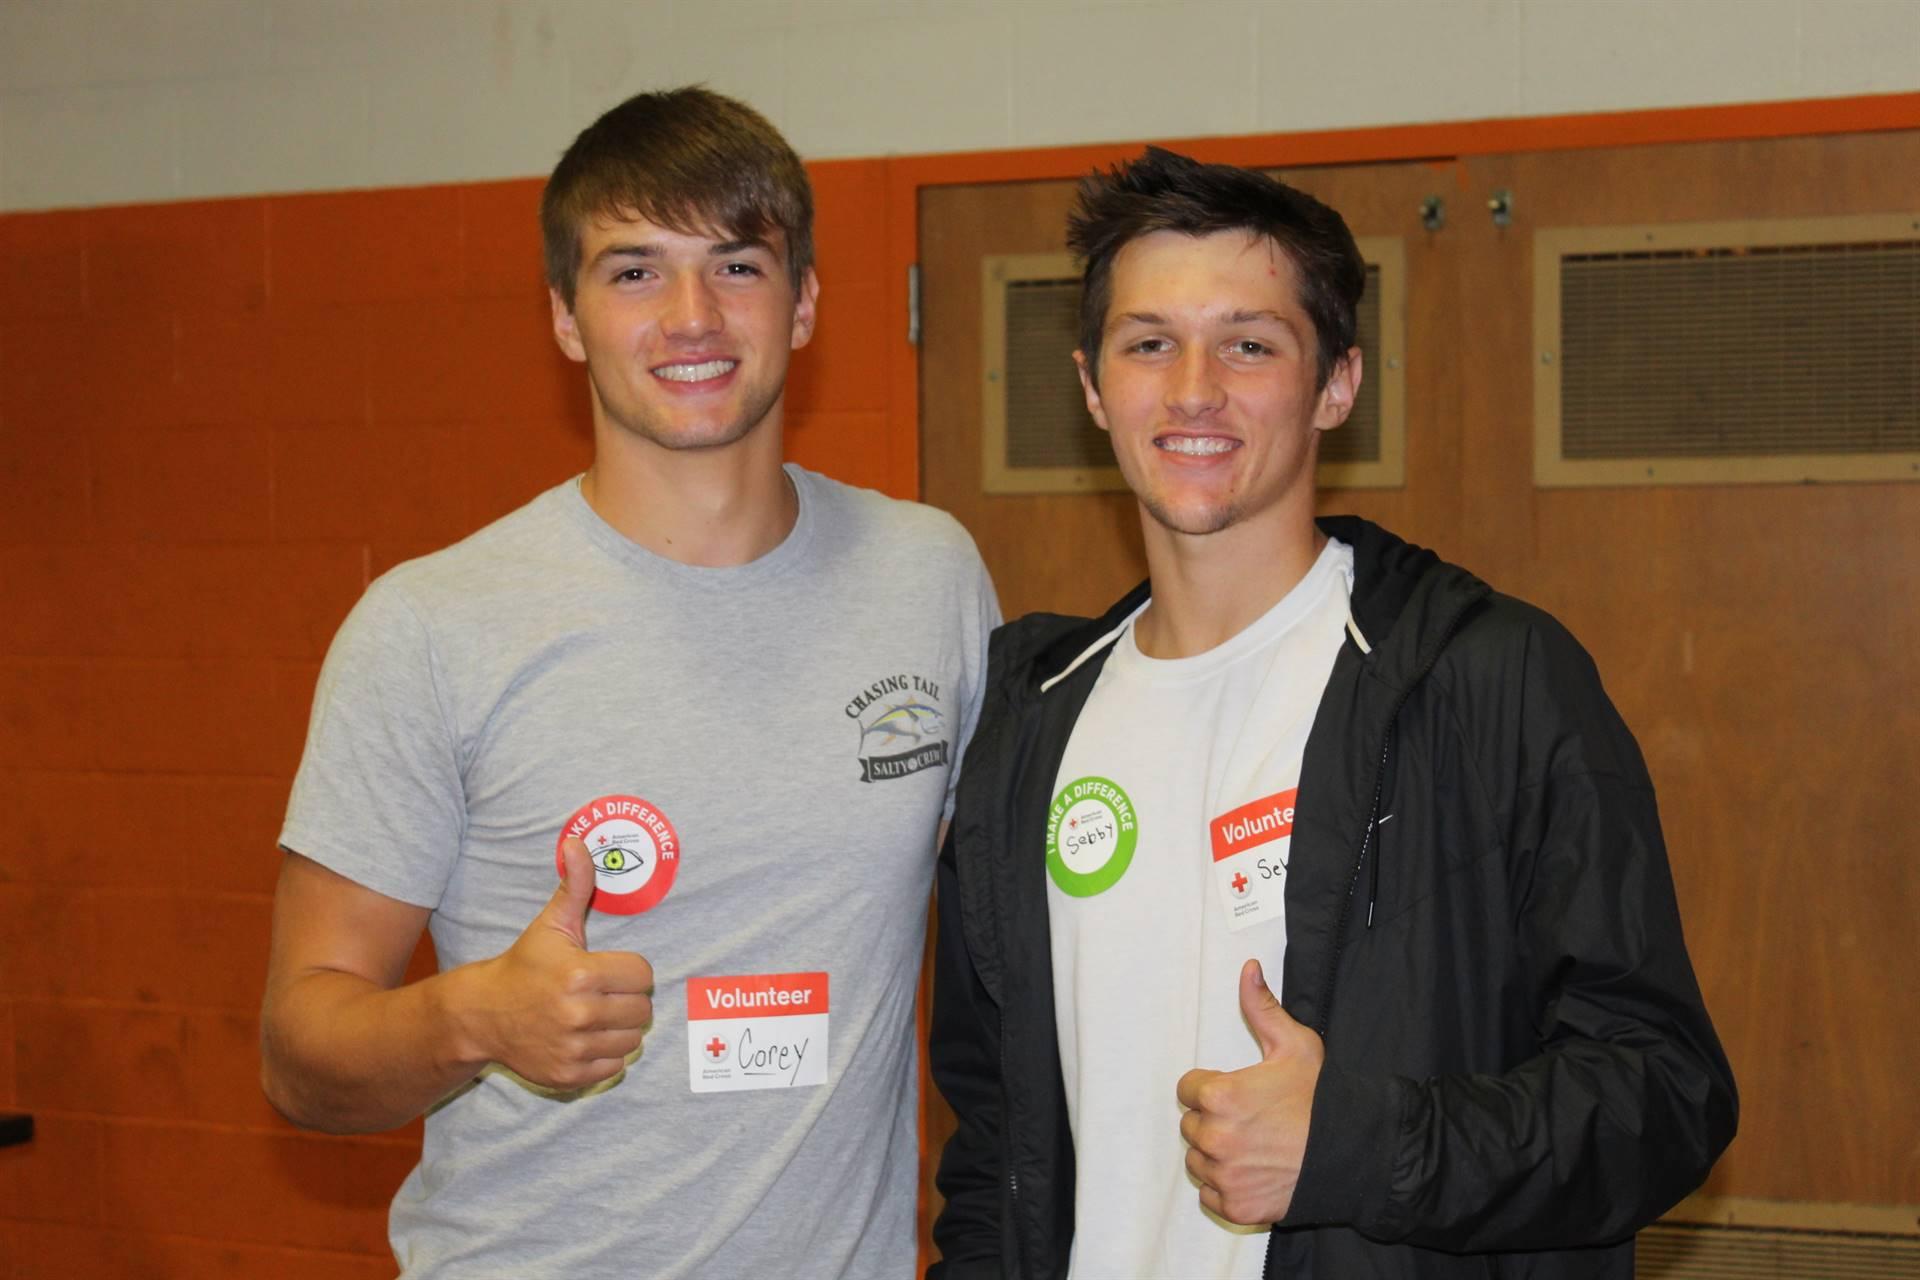 Blood Drive Volunteers